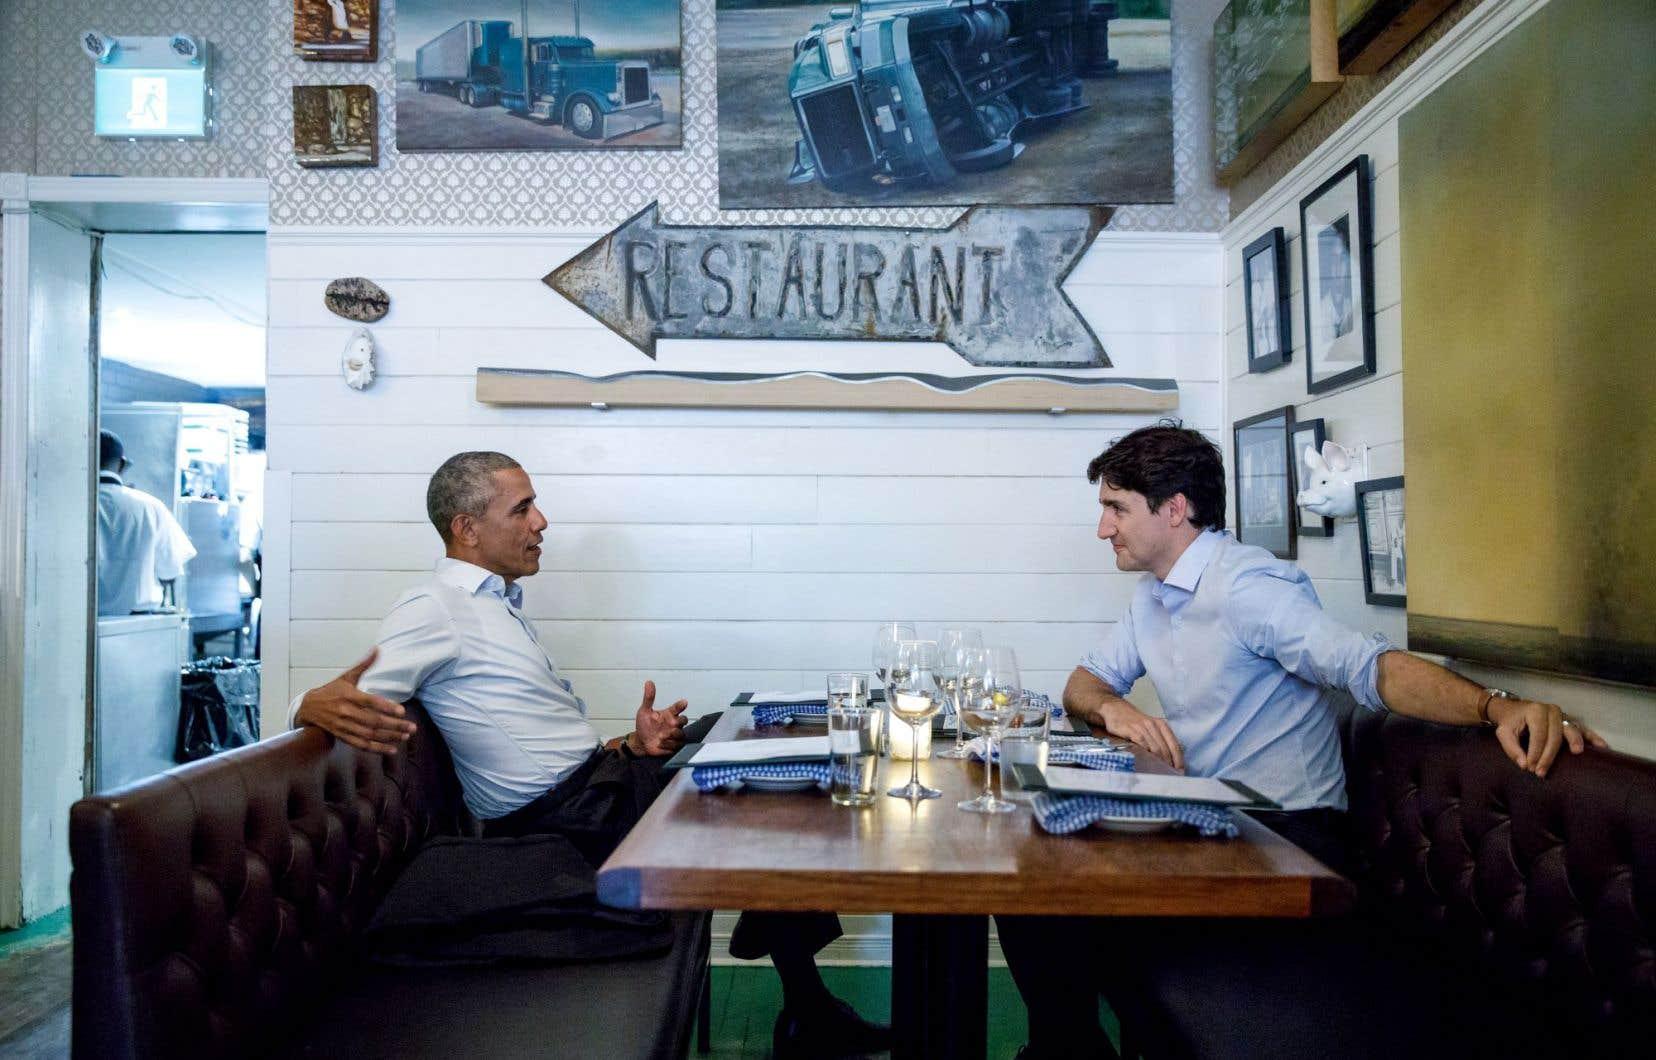 L'attention des médias a surtout été captée par le souper entre Barack Obama et Justin Trudeau après la conférence de mardi, dans un restaurant montréalais.